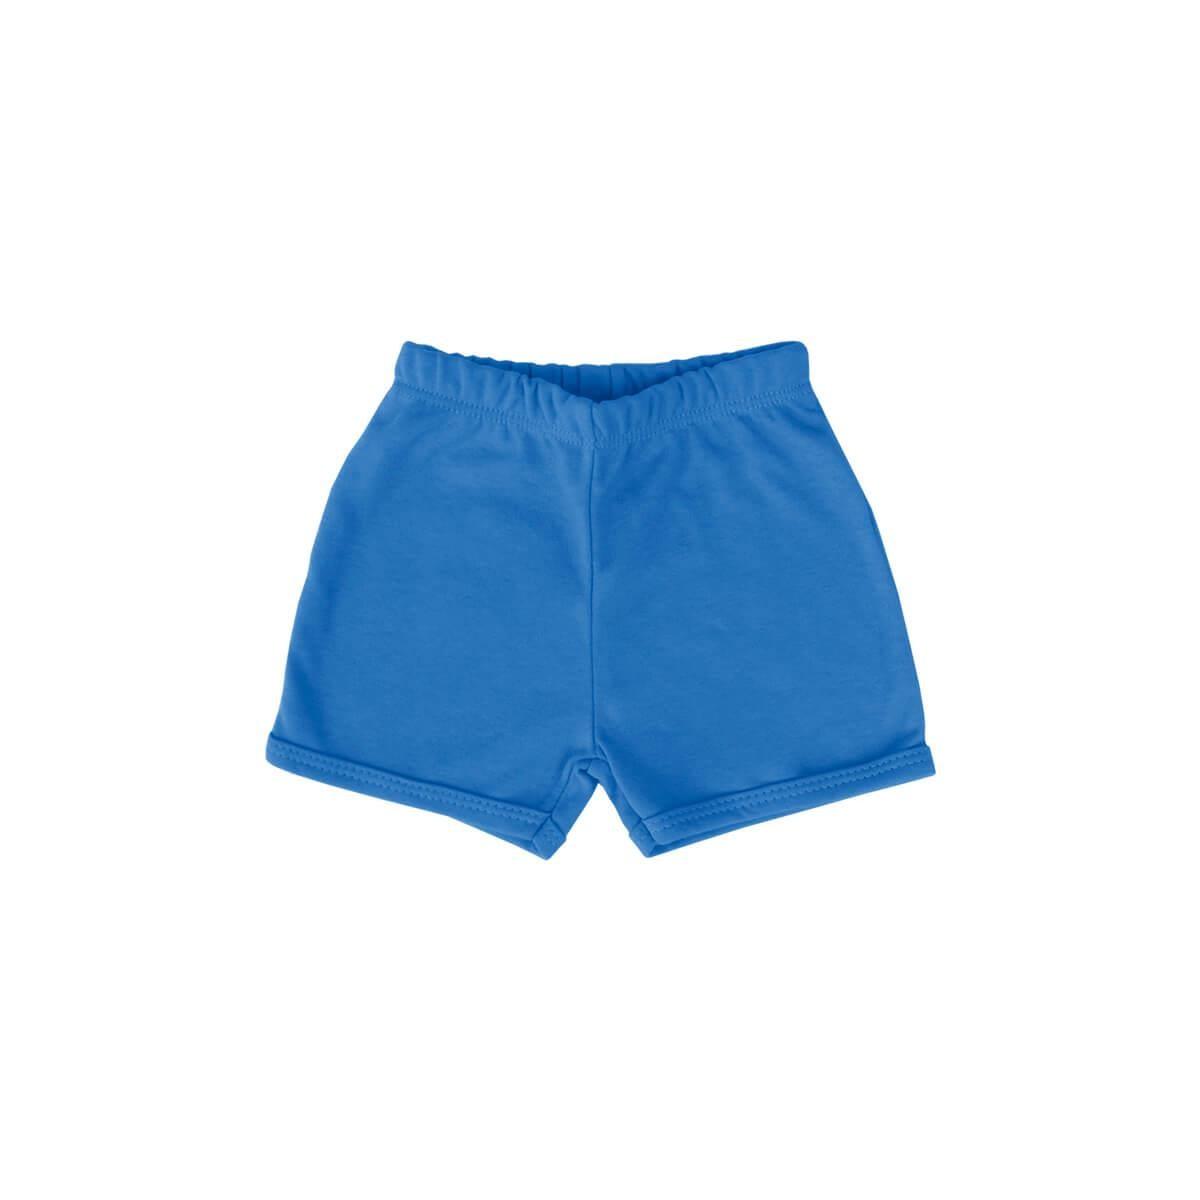 Shorts Básico Azul Cobalto